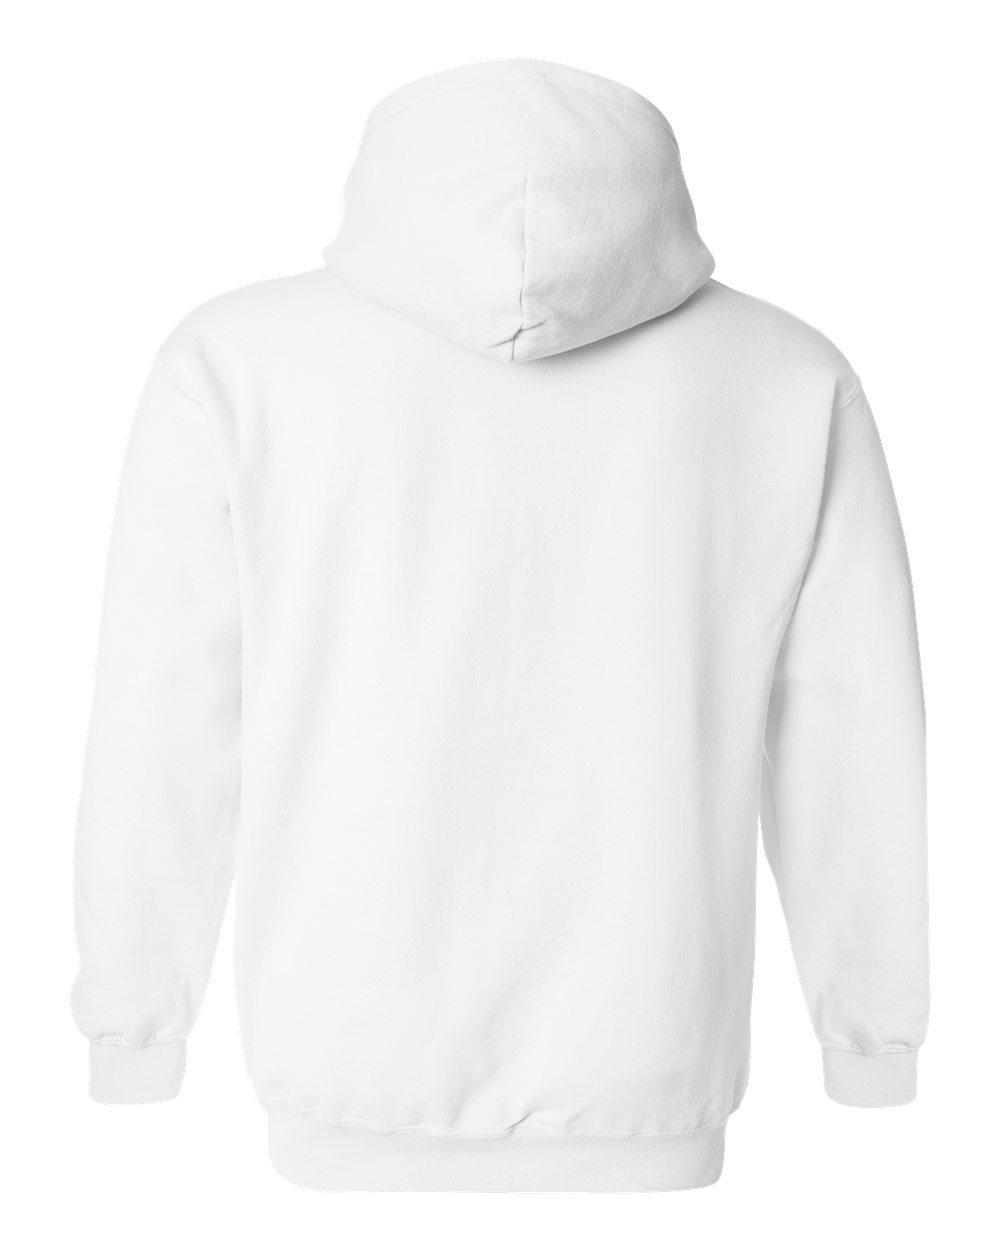 Jaket Polos Depan Belakang : jaket, polos, depan, belakang, Disro, Jaket, Sweater, Putih, Distro, Keren, Switer, Bandung, Hoodie